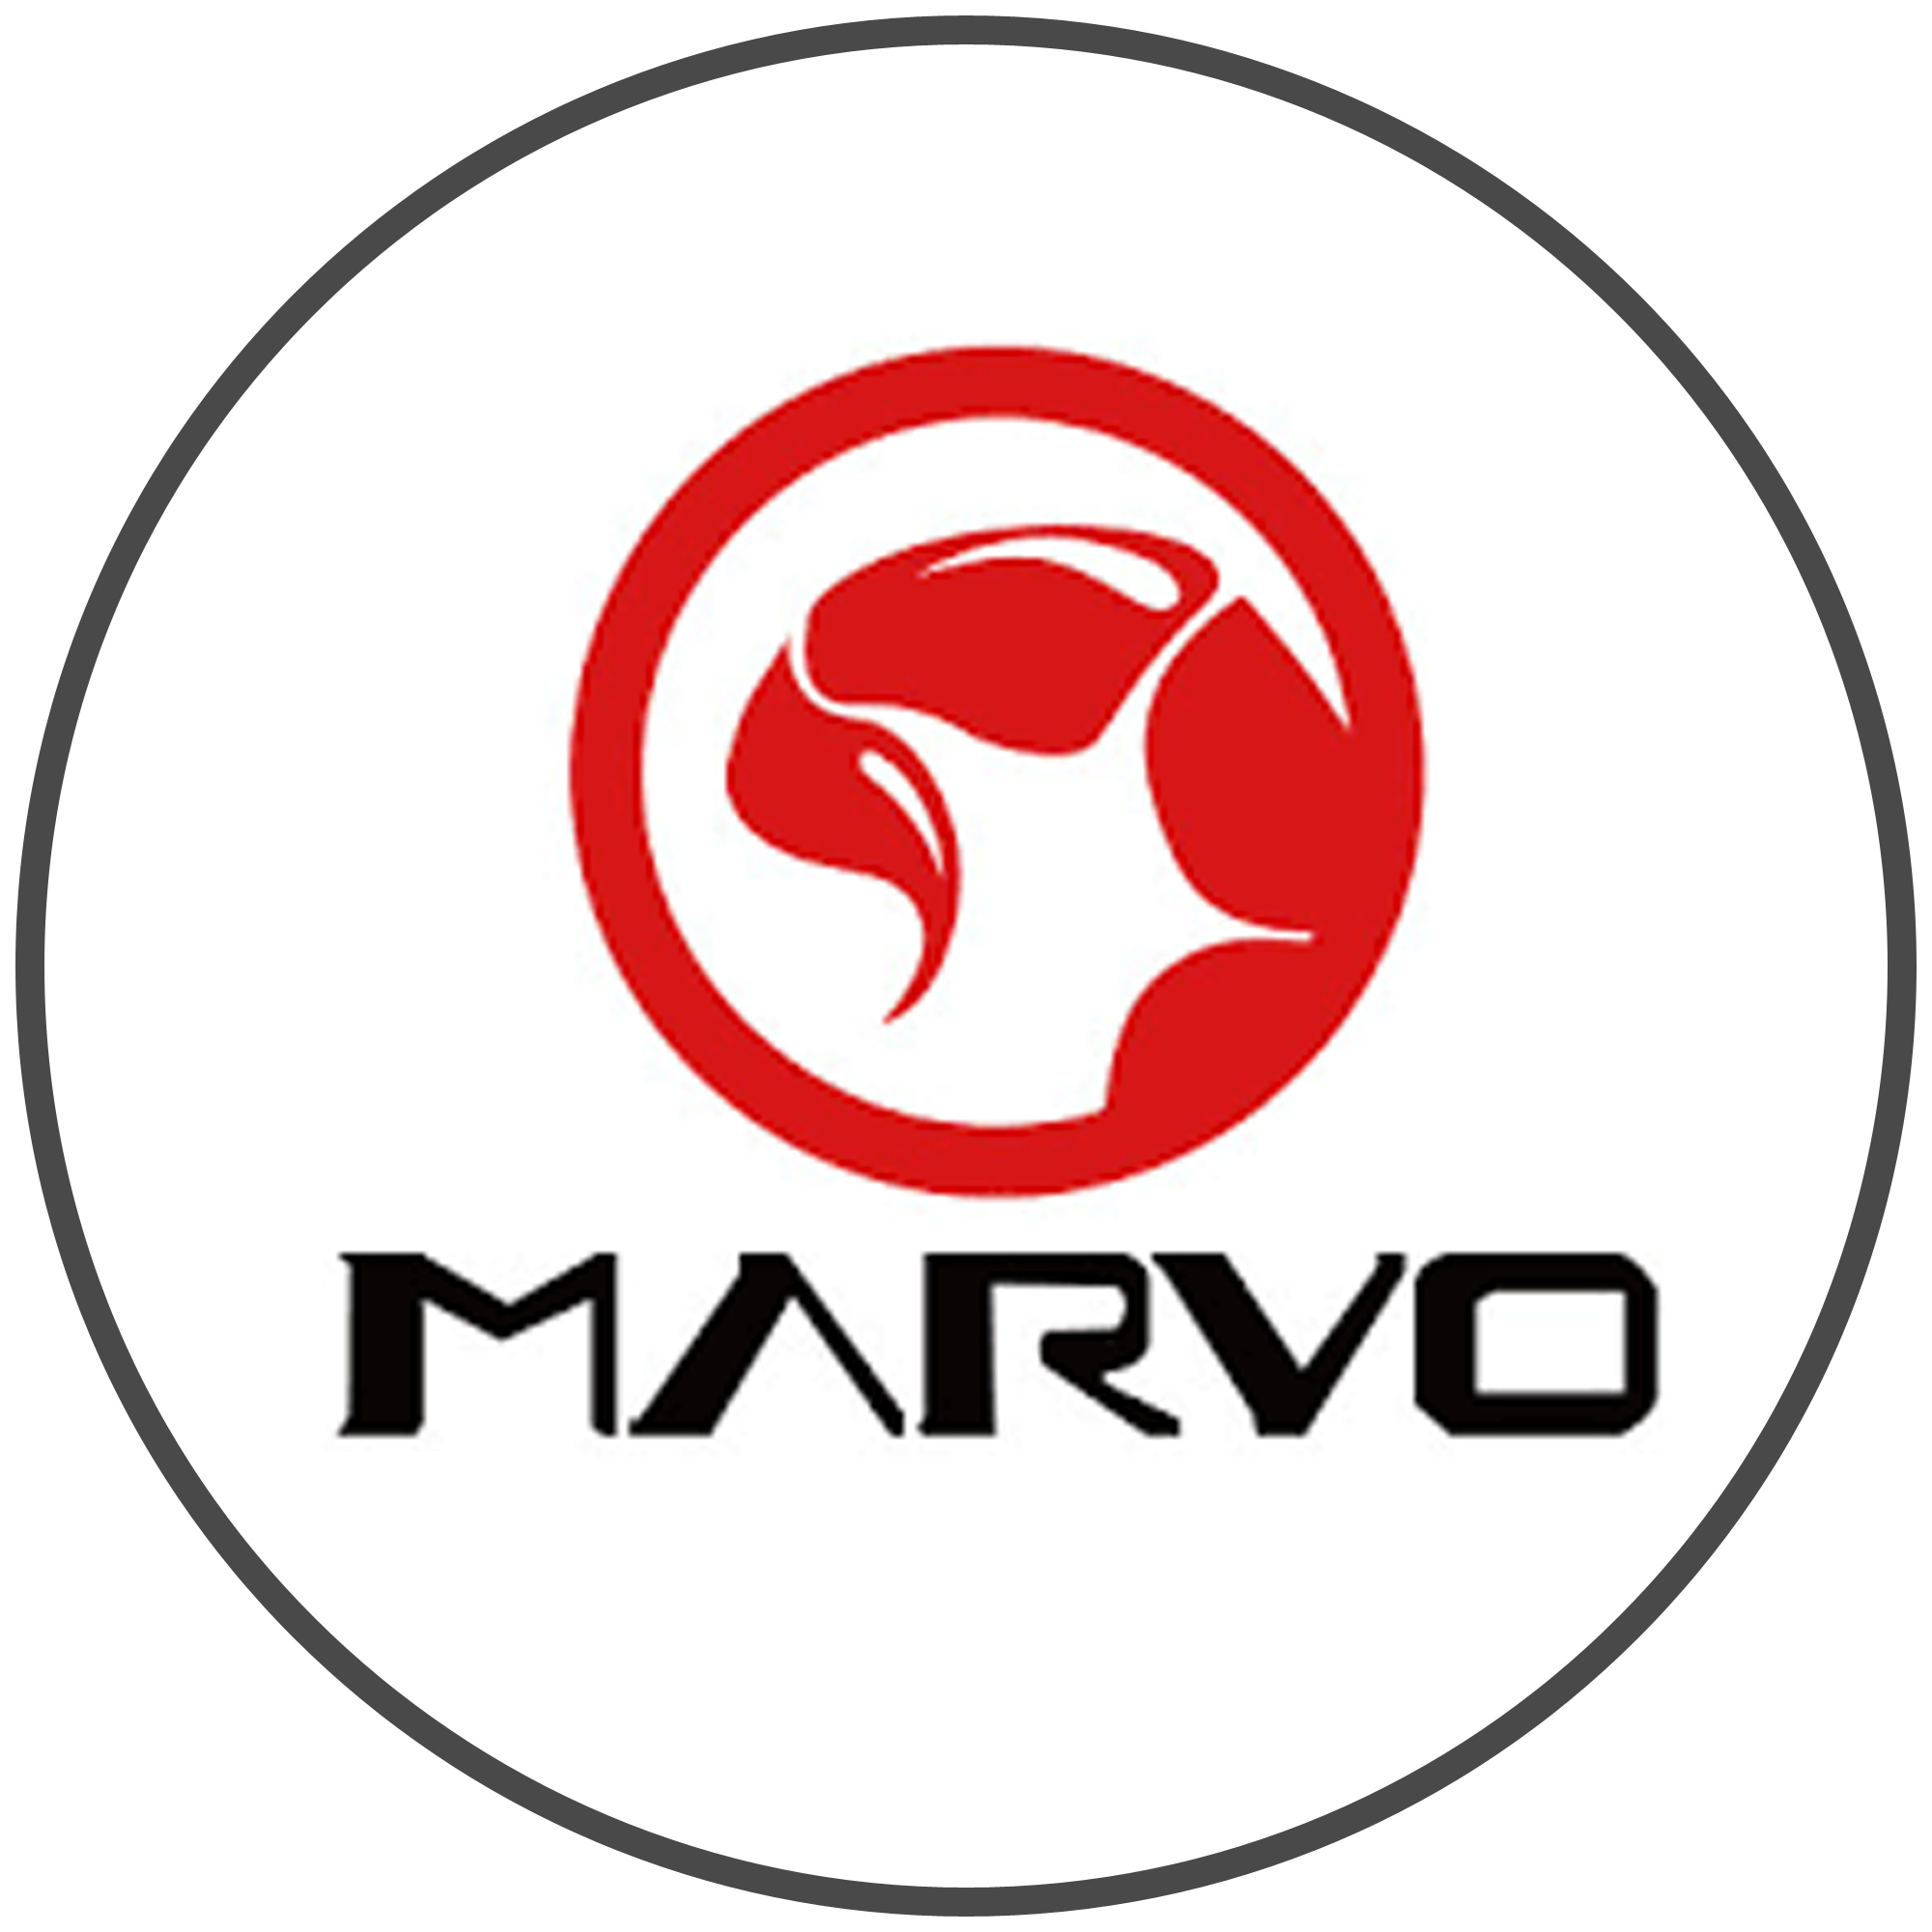 MARVO